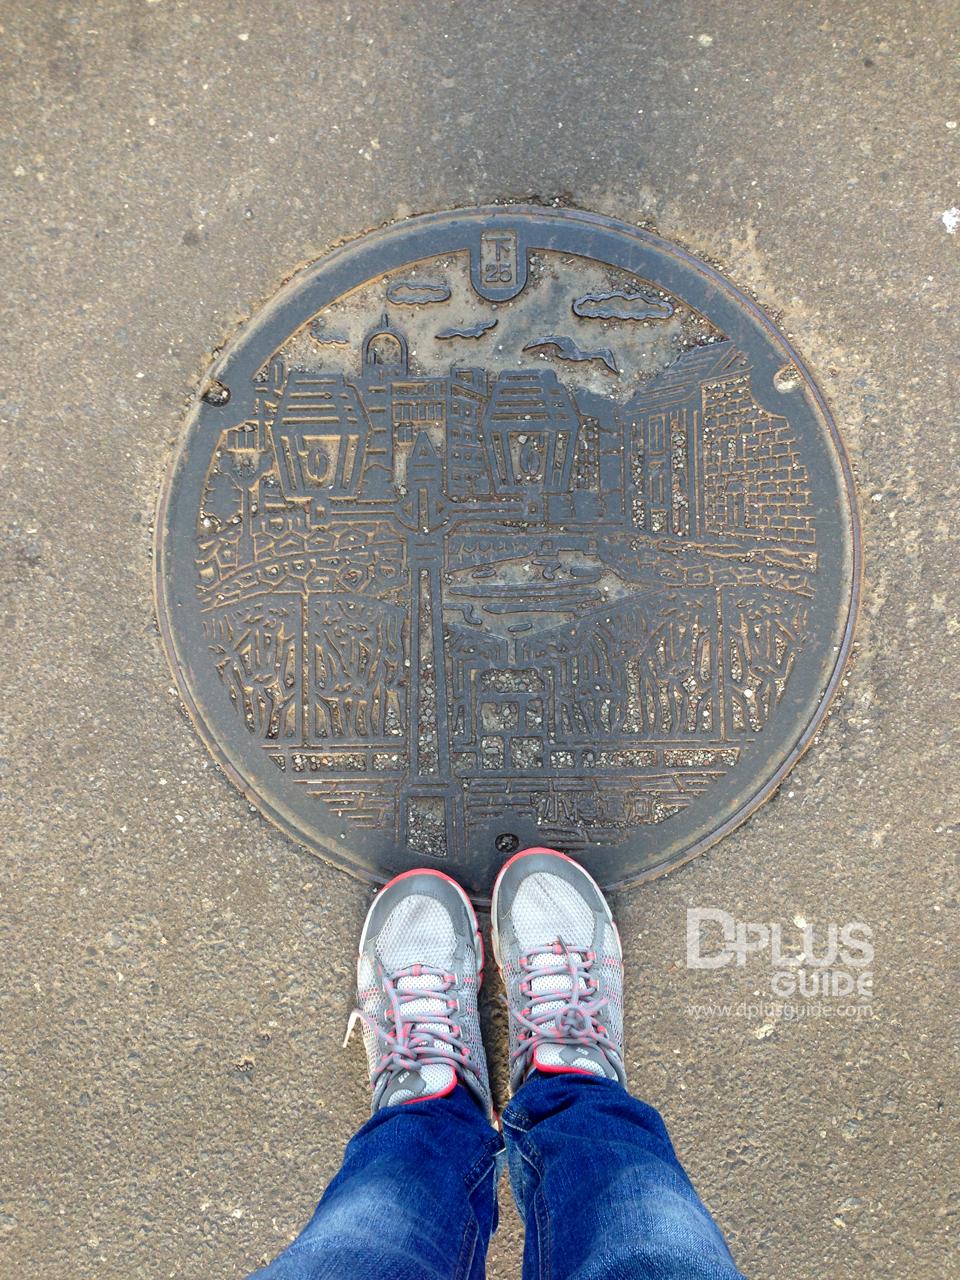 ฝาท่อเมืองโอตารุ ถือเป็นเมืองแห่งคลอง และโกดังอิฐ